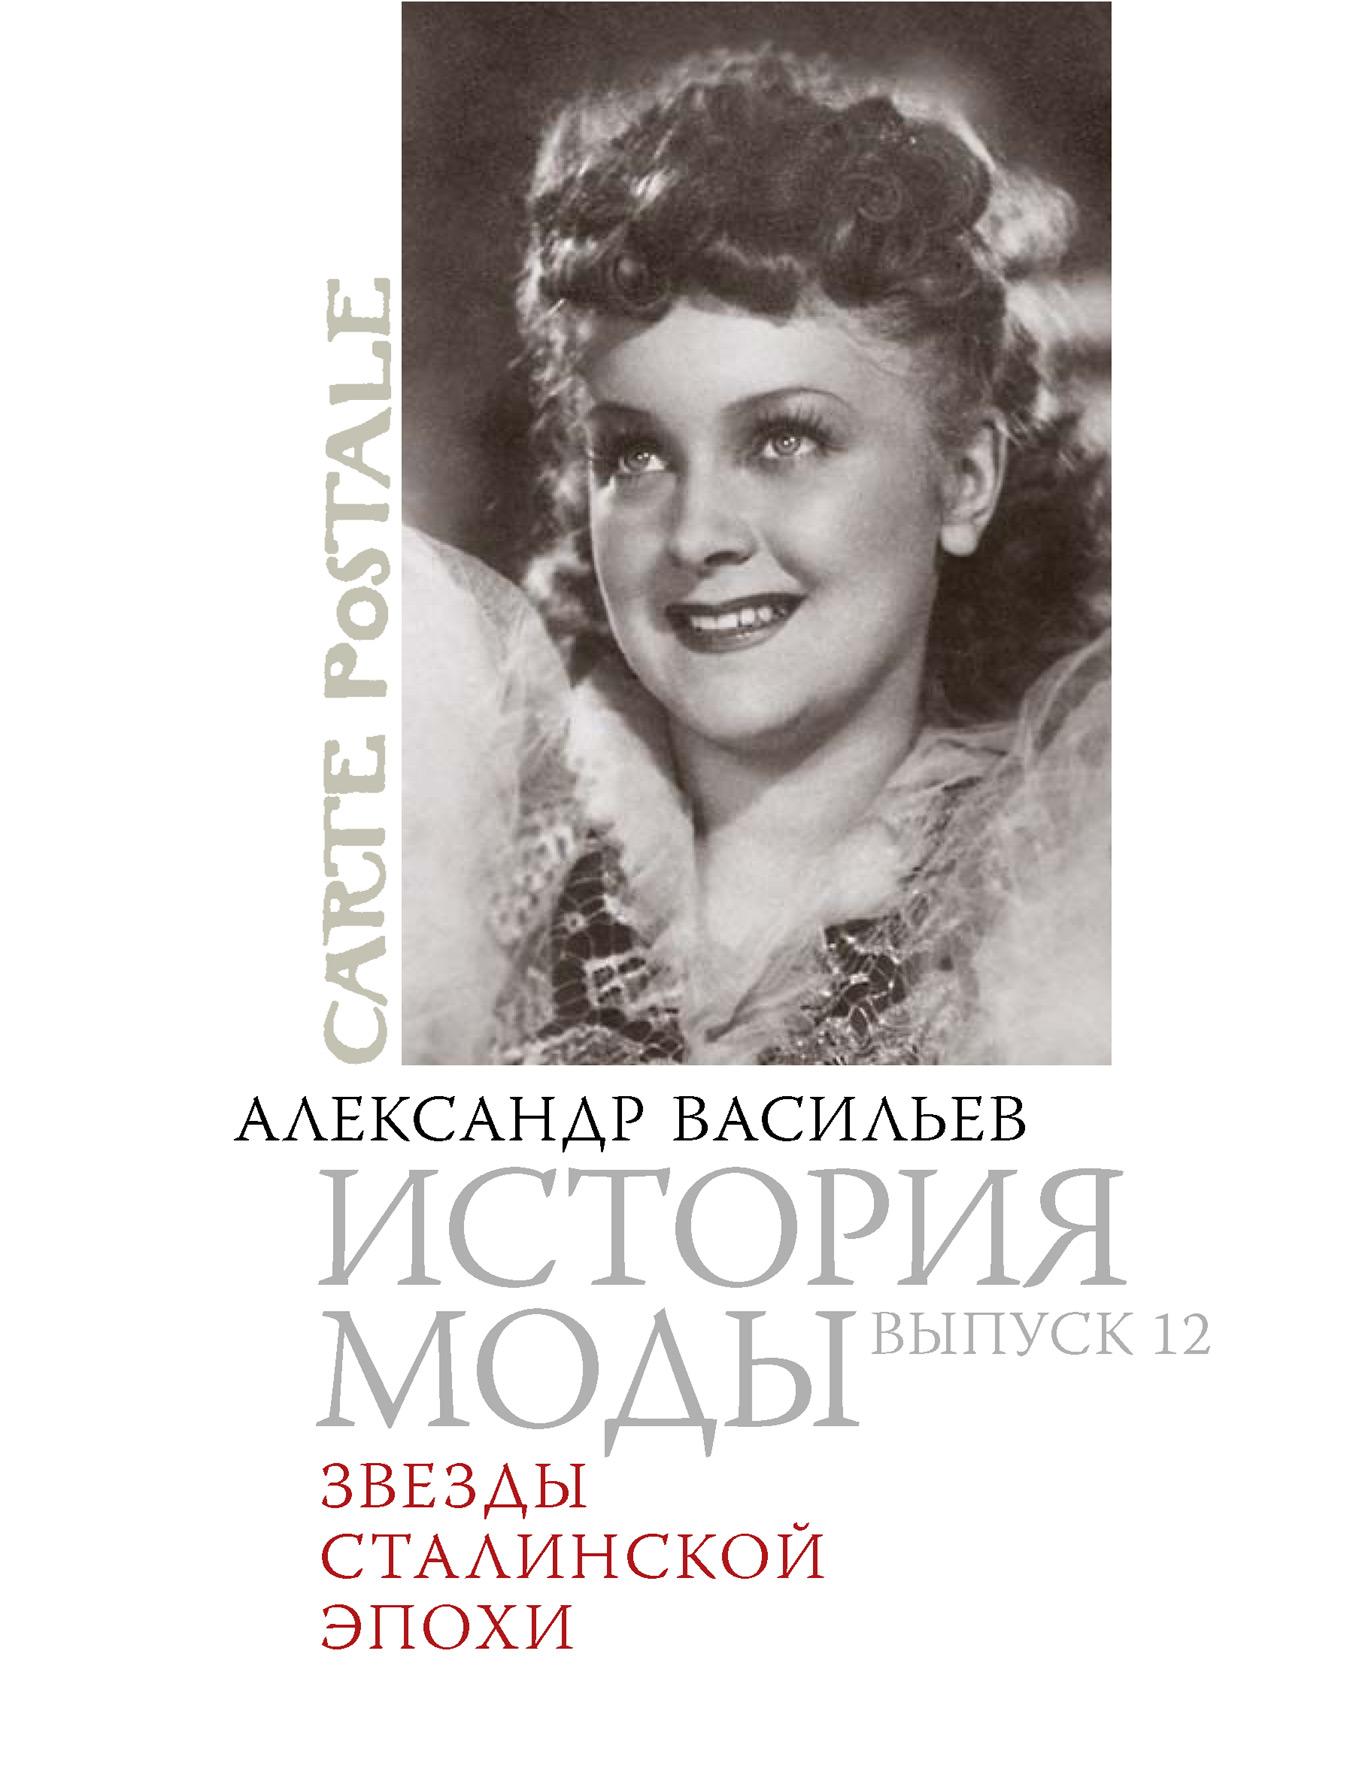 Звезды сталинской эпохи